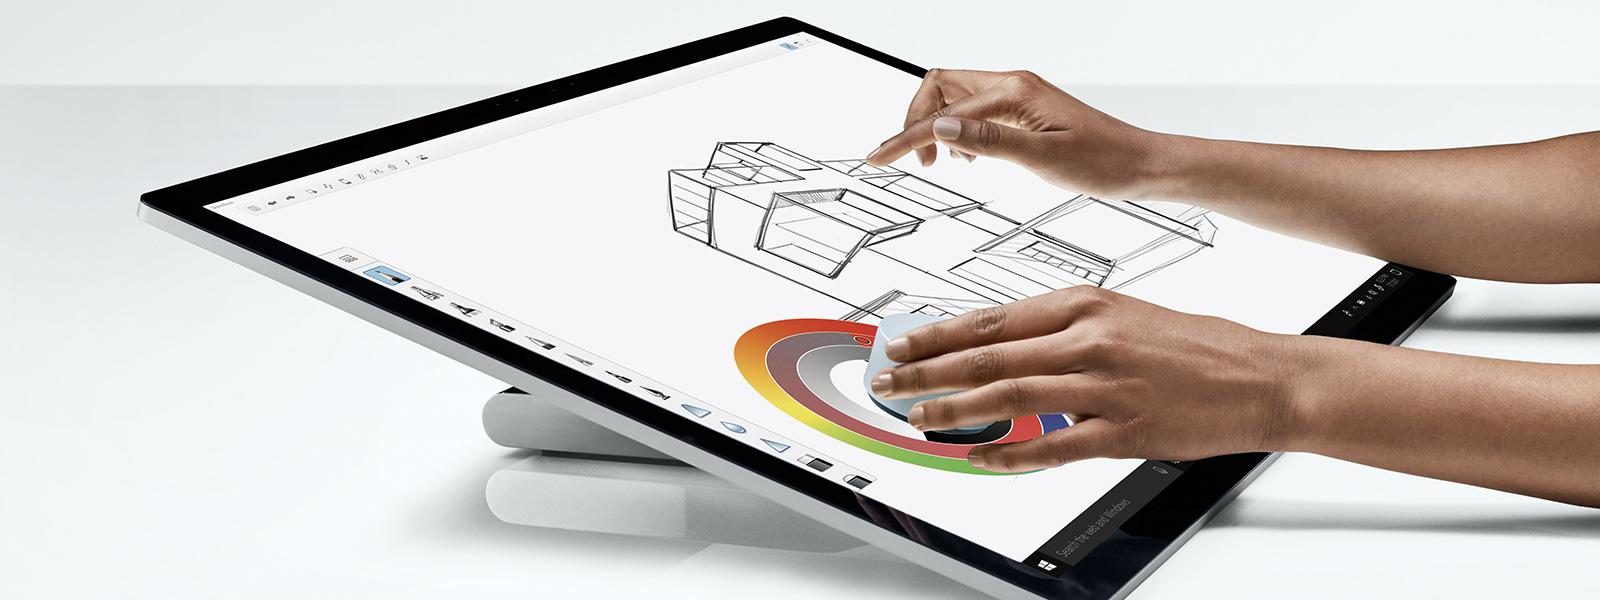 Surface Dial を使用して Surface Studio を操作している人